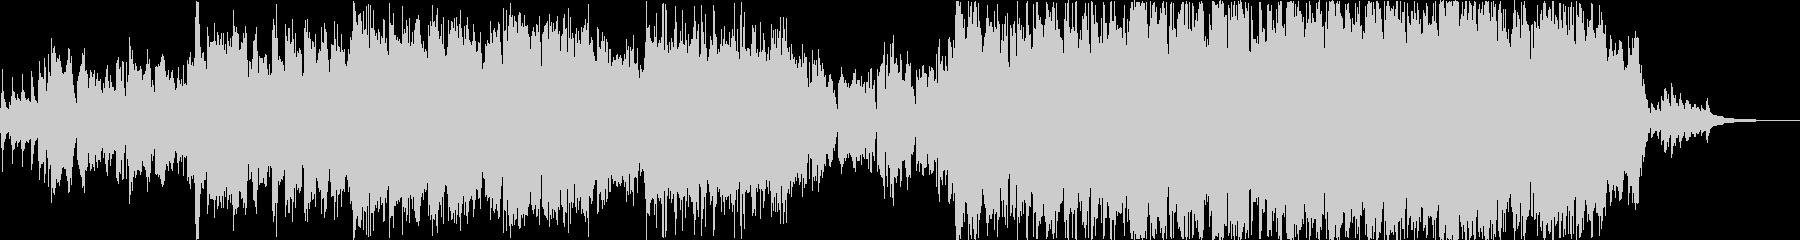 尺八の生演奏による感動的な雰囲気の曲の未再生の波形